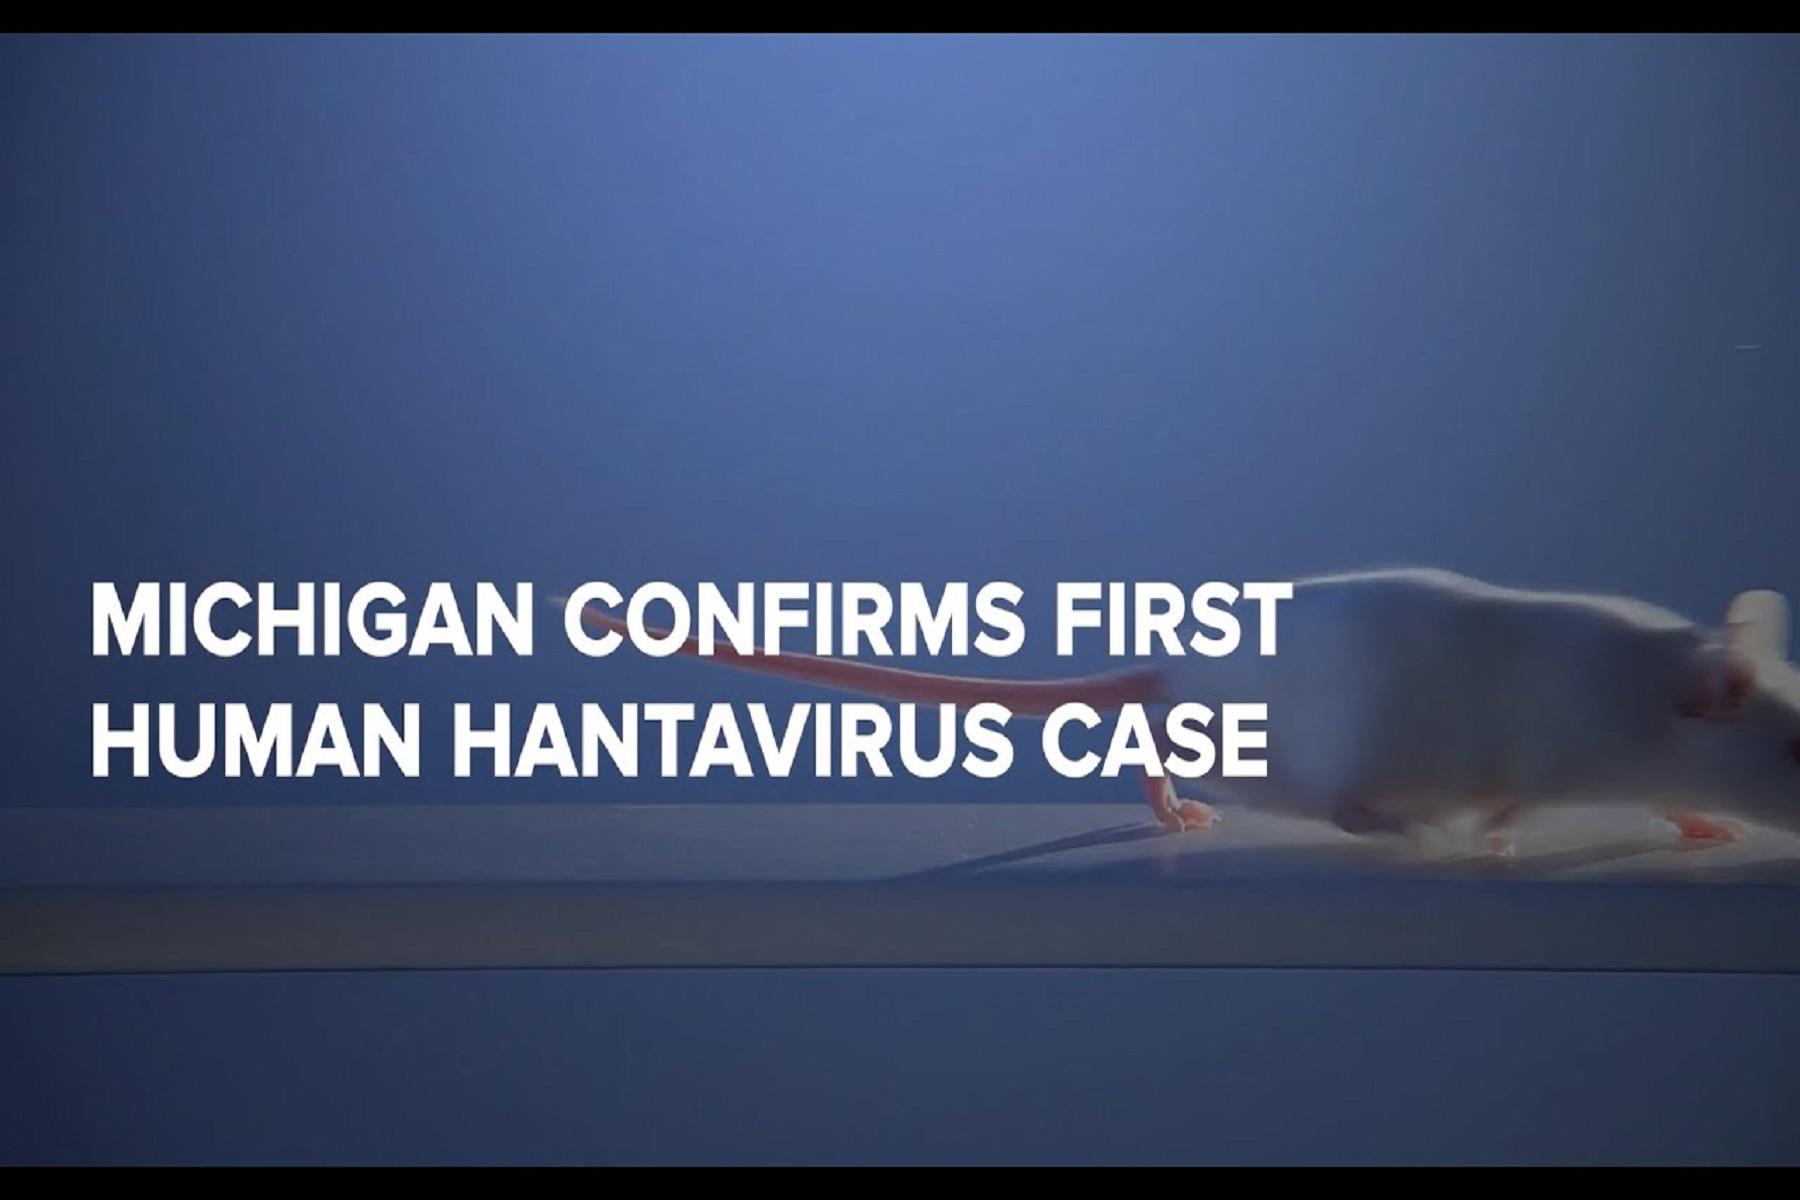 Hantavirus Τρωκτικά: Το Μίσιγκαν επιβεβαιώνει την πρώτη περίπτωση σε άνθρωπο